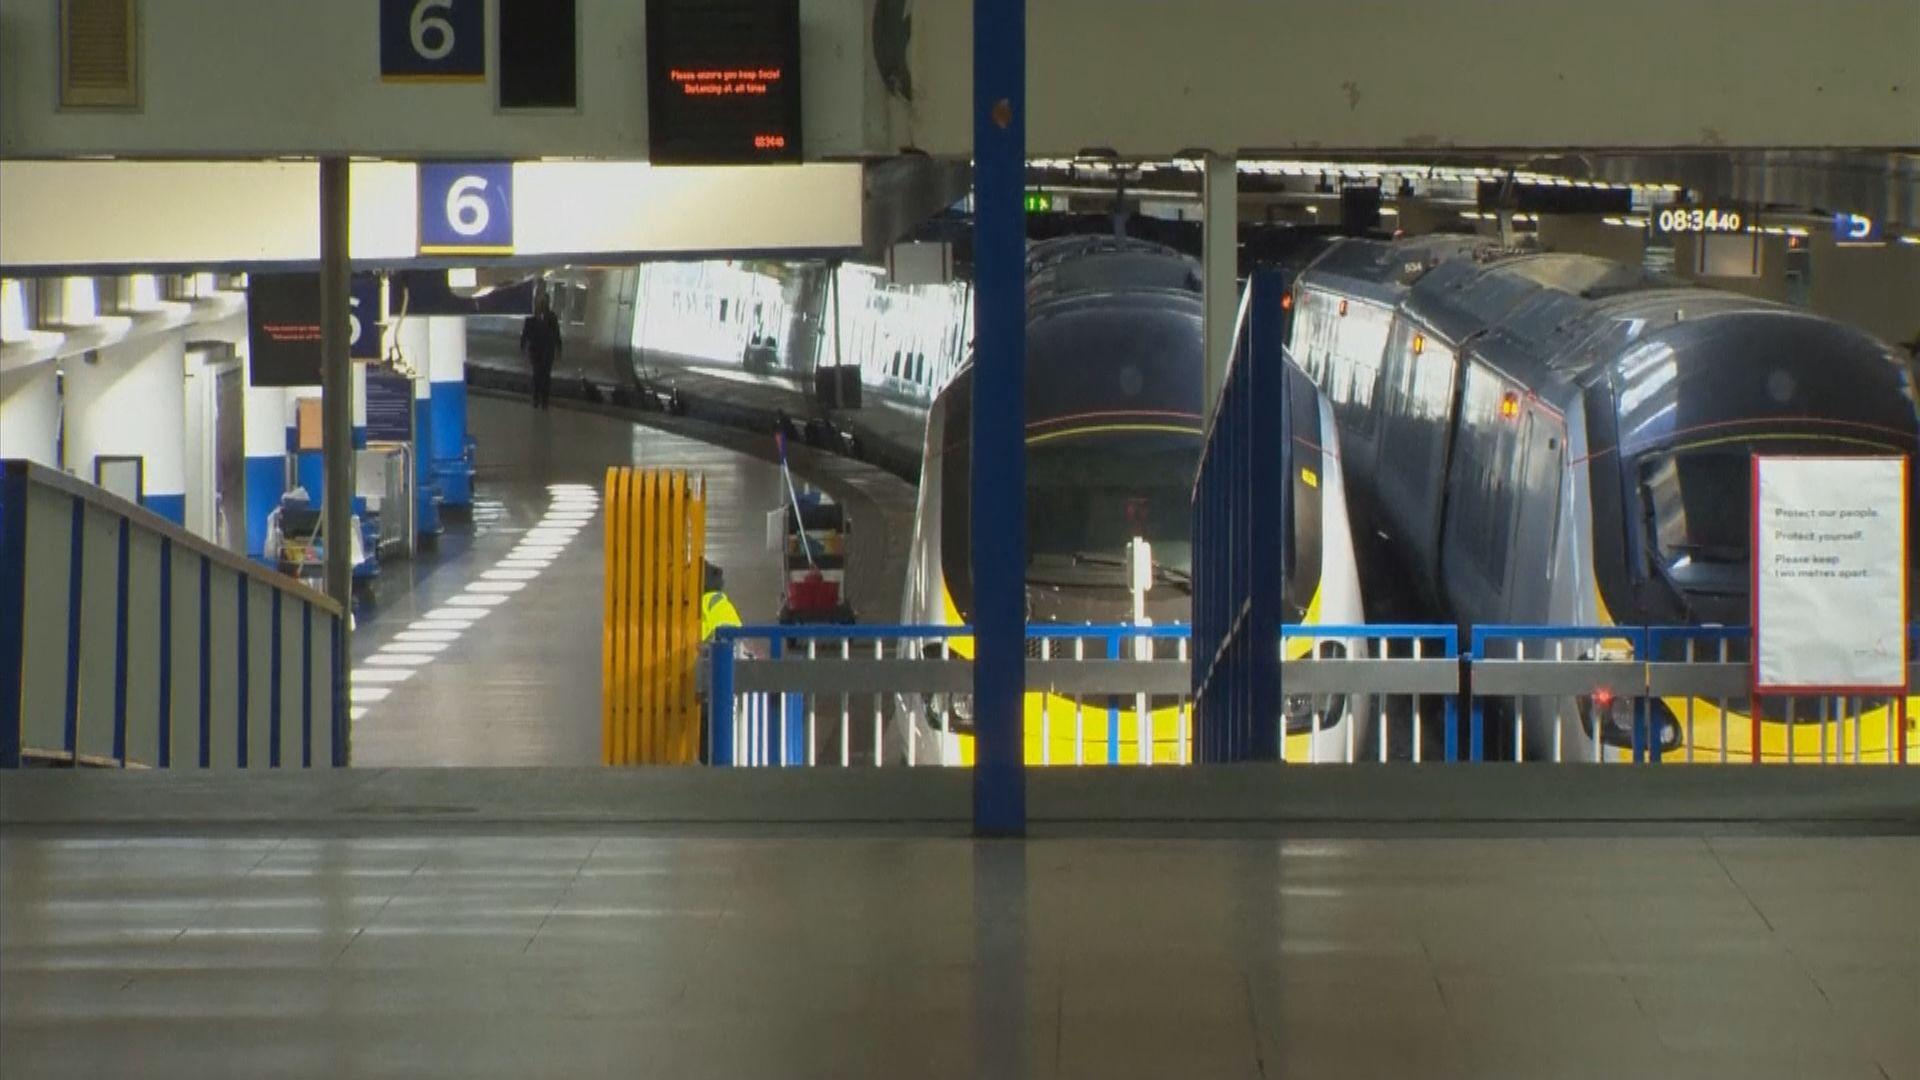 【環球薈報】英國建議成立公營部門統籌鐵路服務